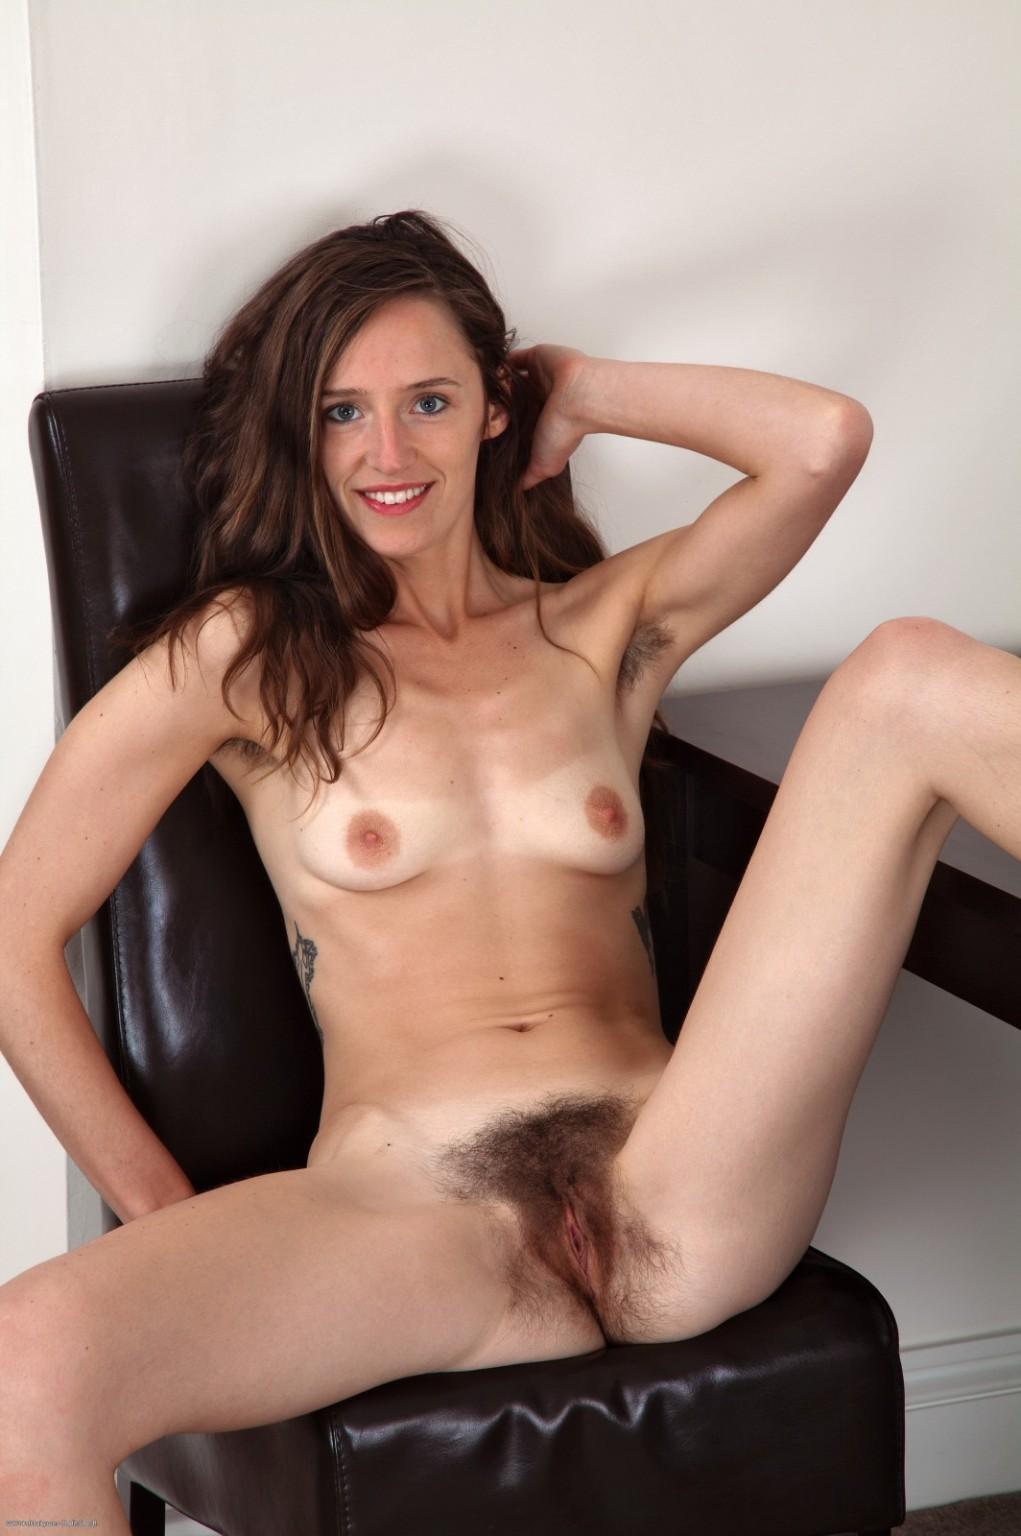 skinny young panties porn